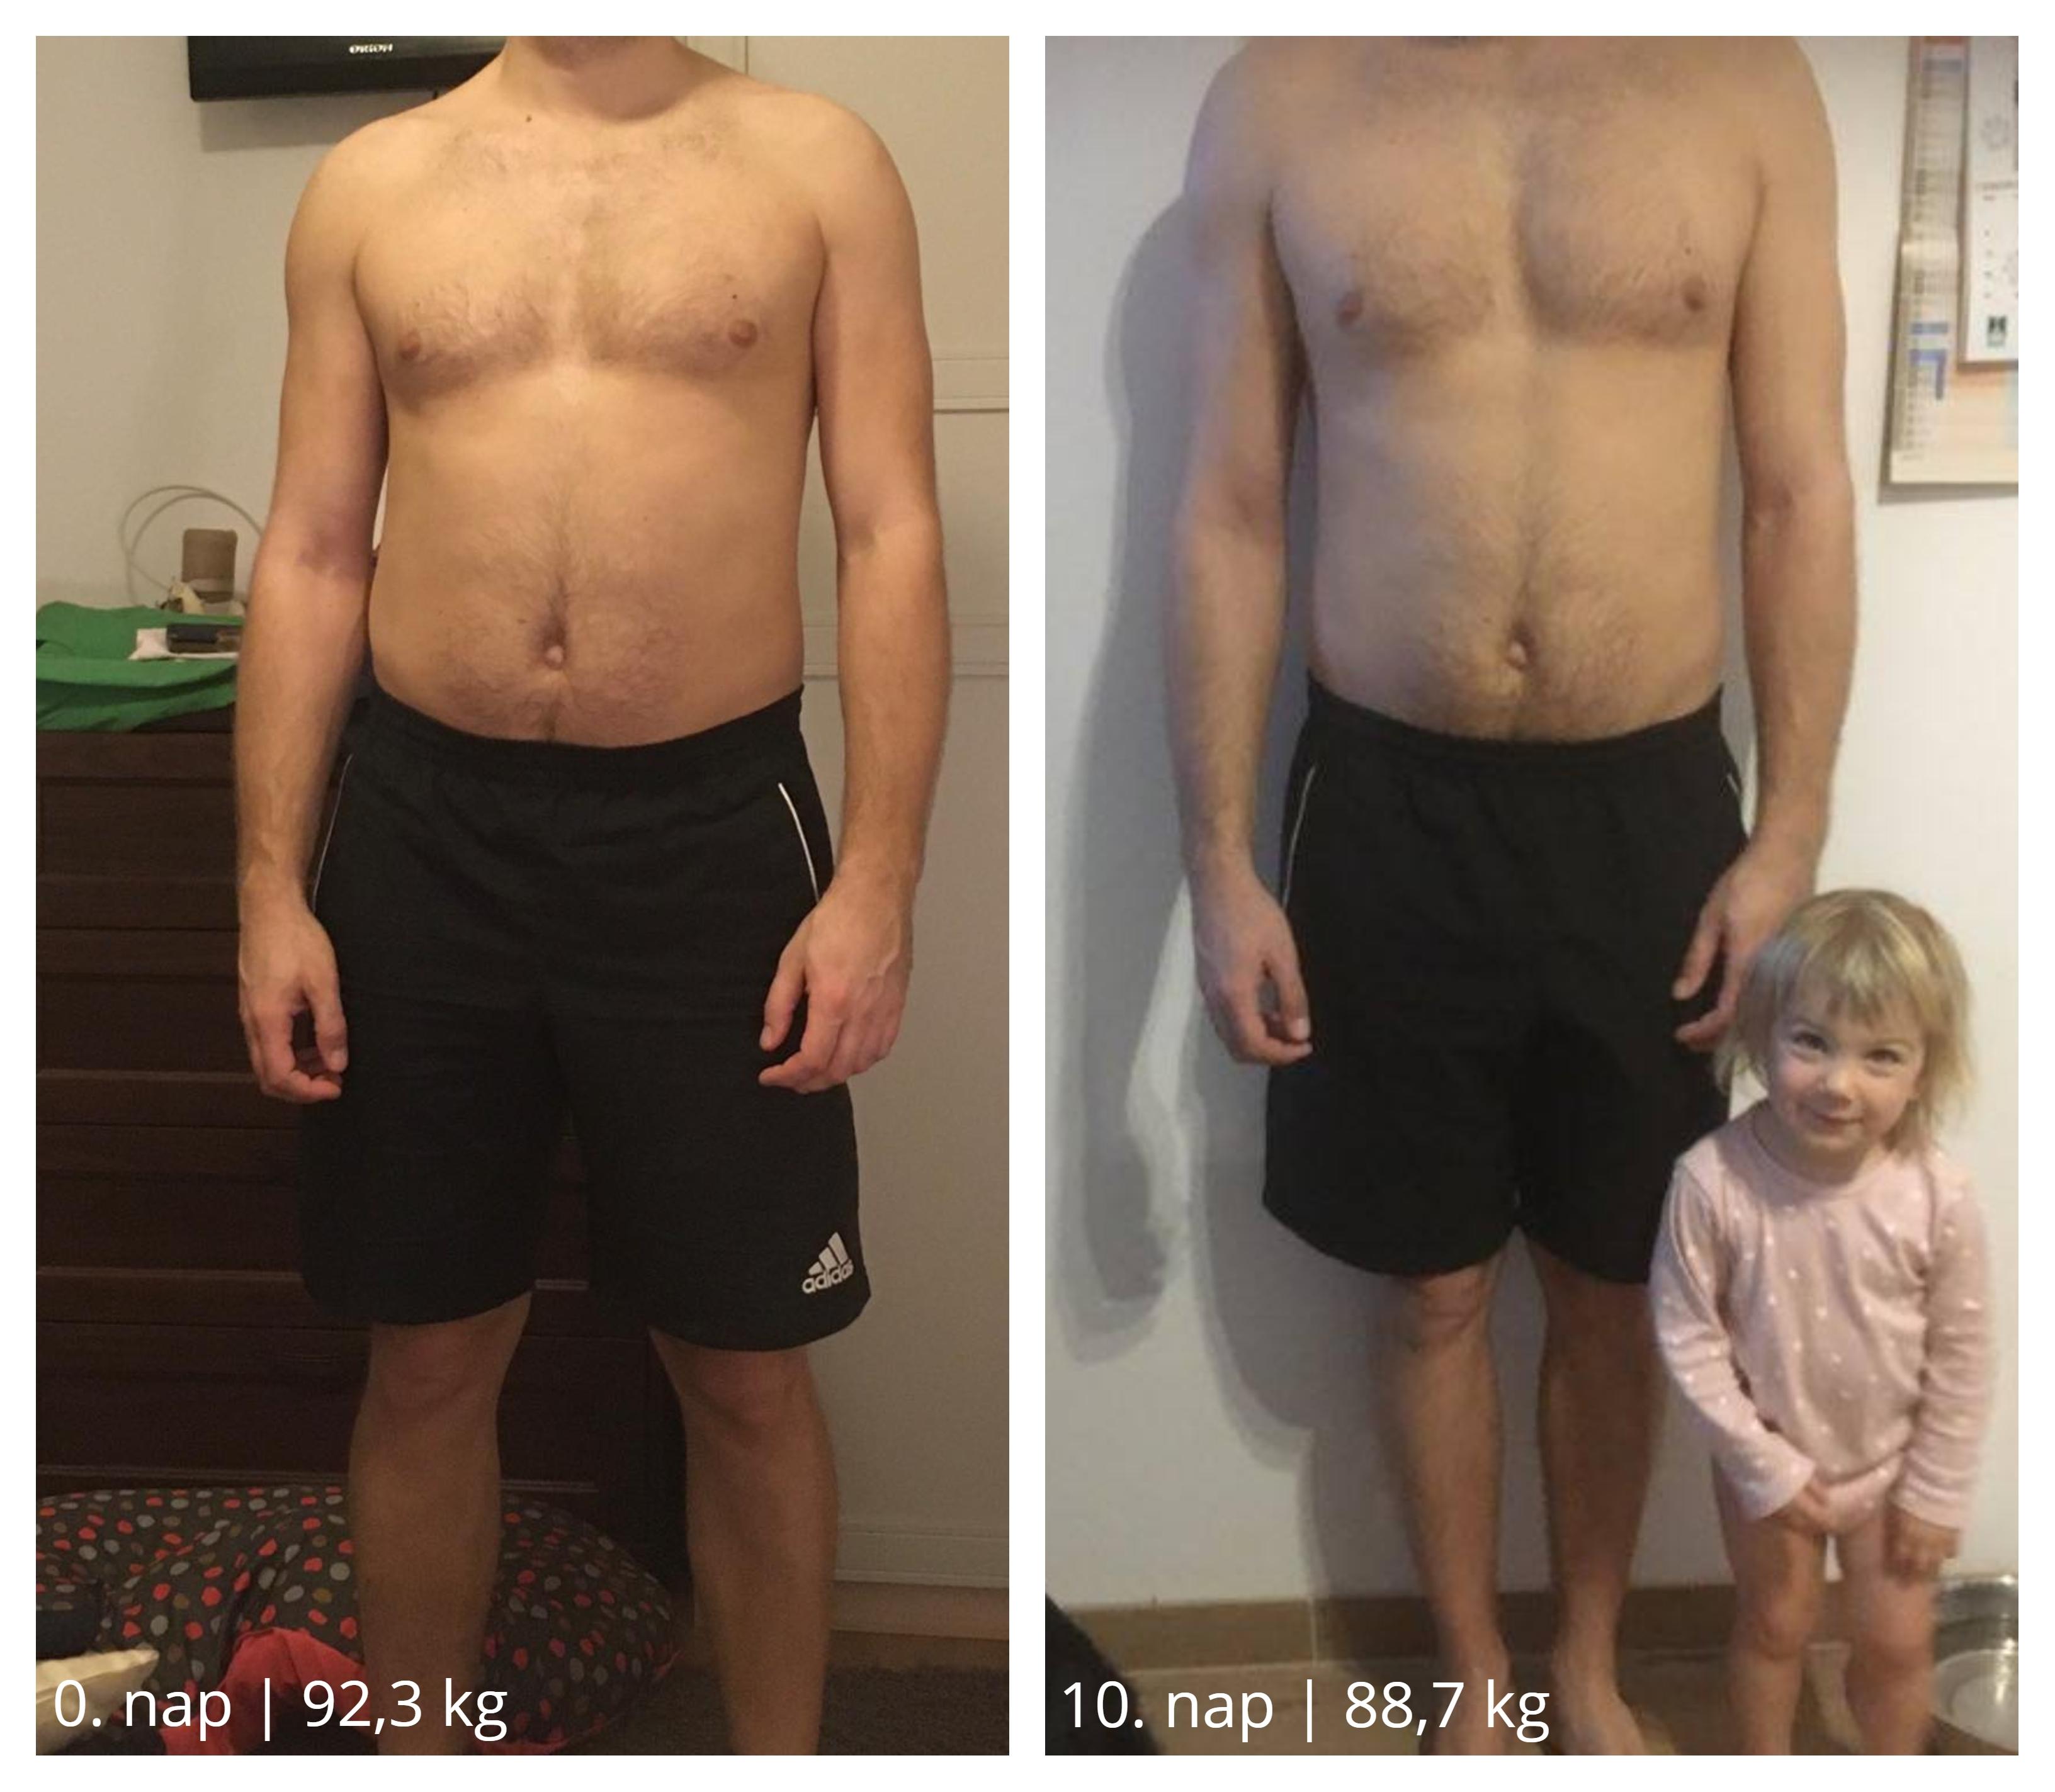 10 kiló fogyás egy hónap alatt - Fogyókúra | Femina